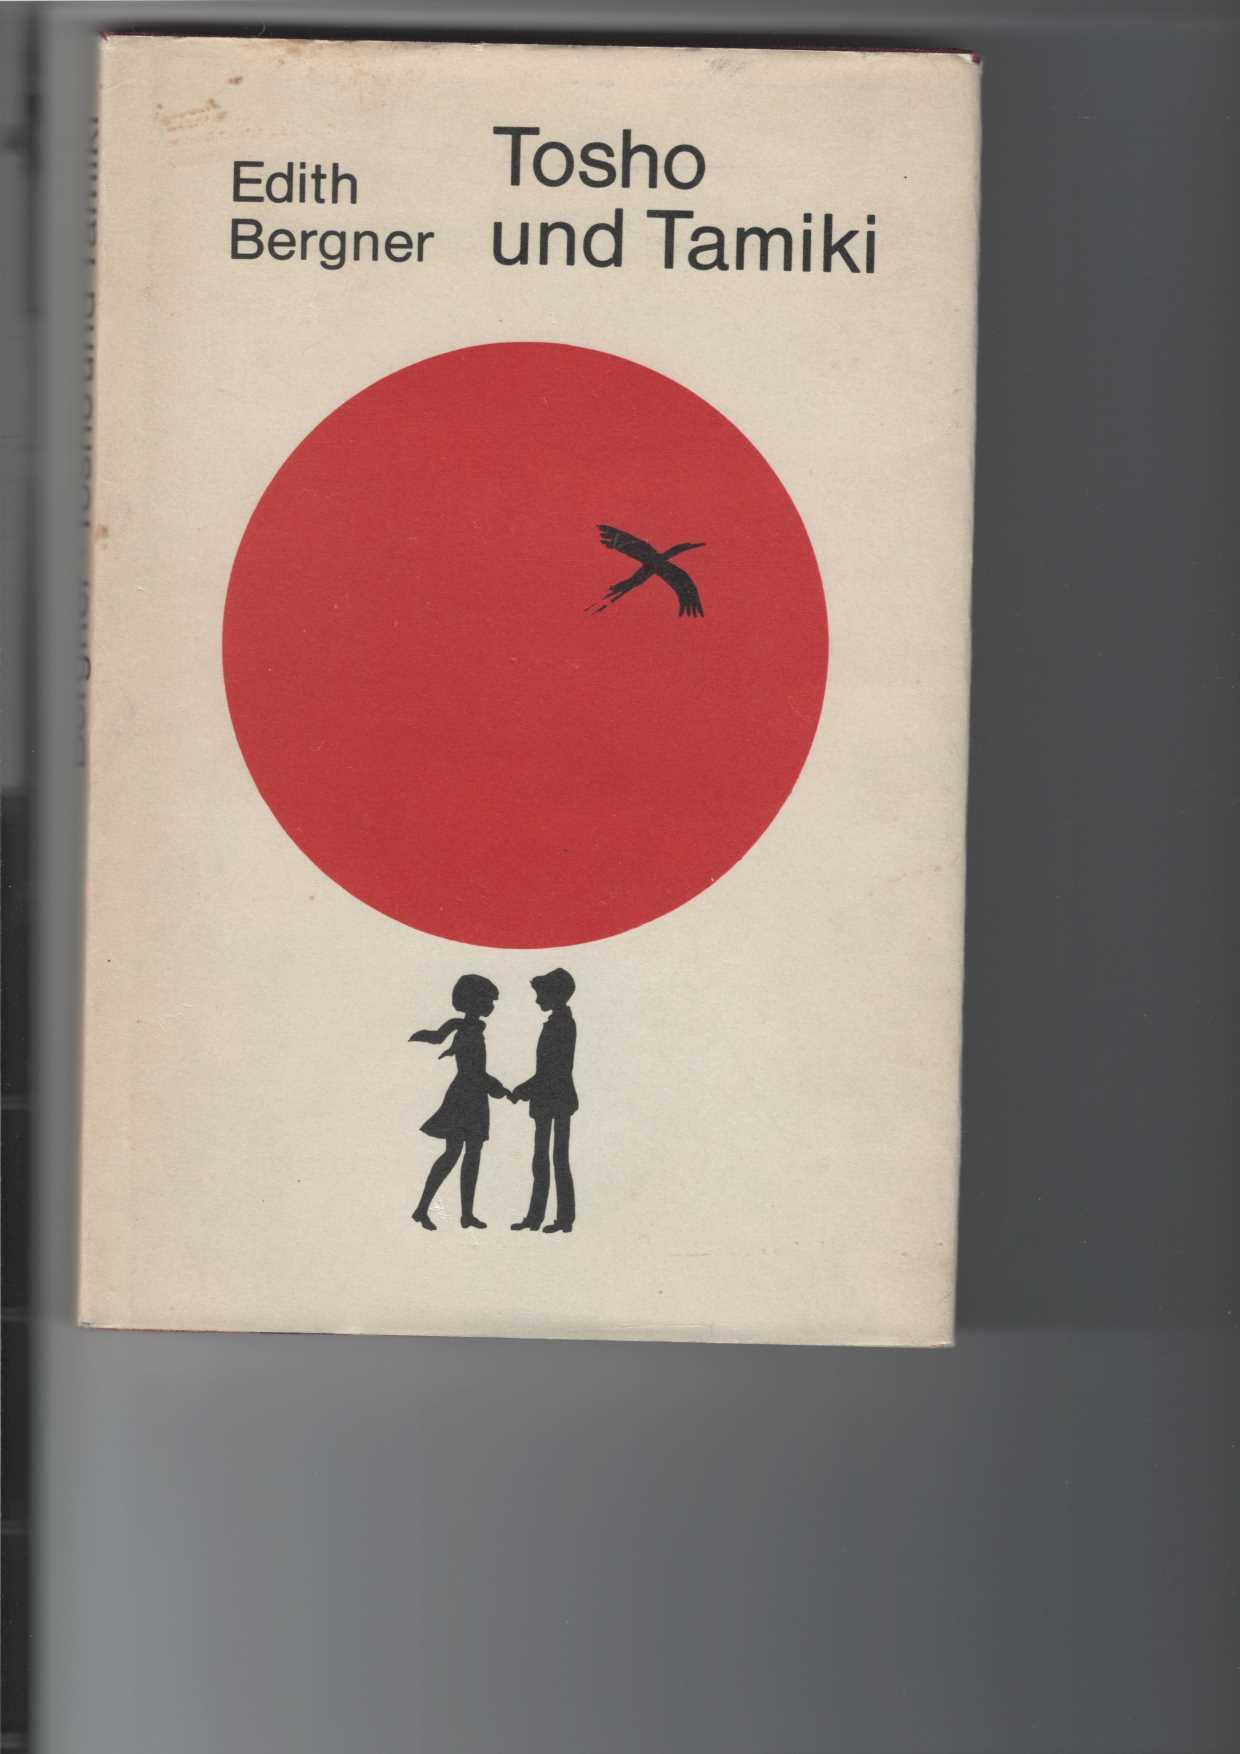 Bergner, Edith: Tosho und Tamiki. Erzählung. Mit ganzseitigen farbigen Illustrationen von Jörg Rößler. 5. Aufl.,